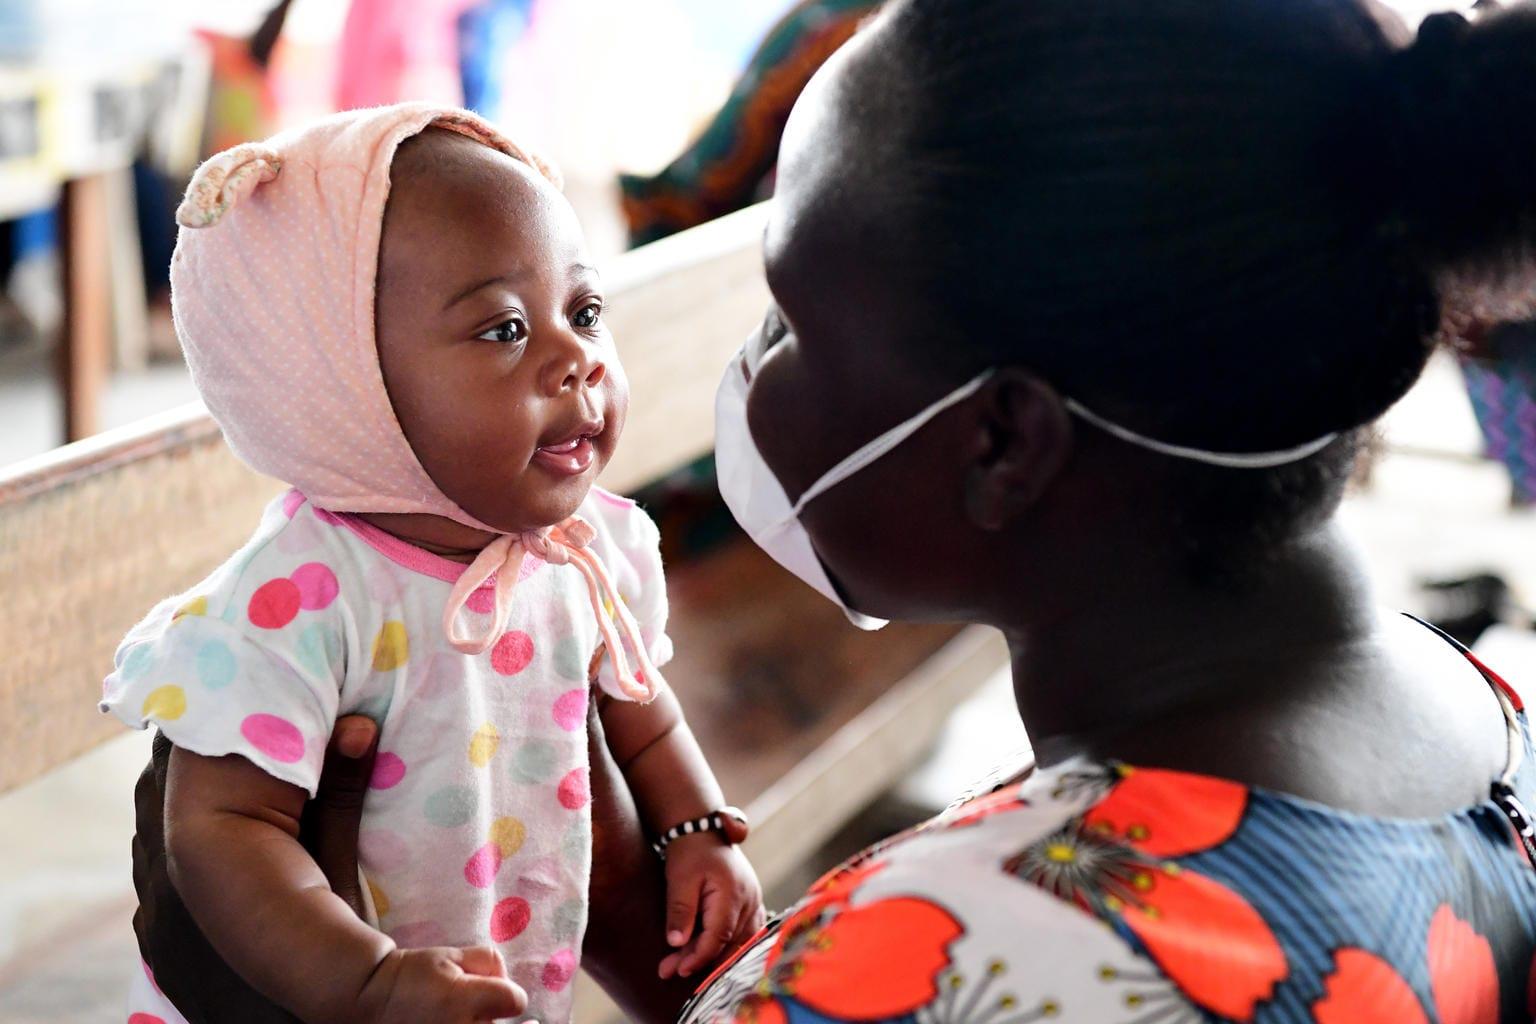 A WHO gyerekeknél vizsgálja a koronavírus és egy ritka gyulladásos betegség kapcsolatát